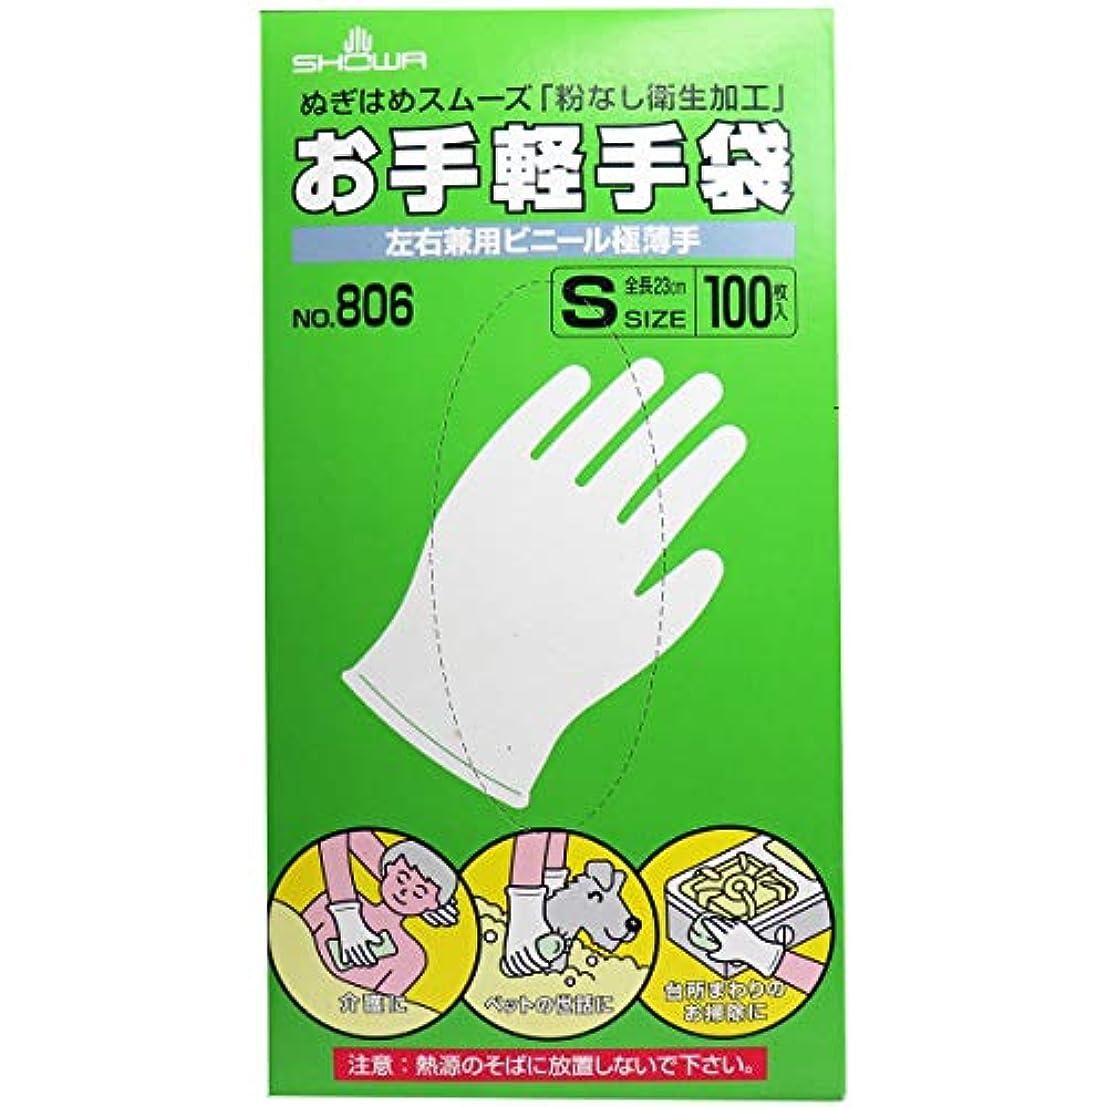 異議鉱夫クレーターお手軽手袋 No.806 左右兼用ビニール極薄手 粉なし Sサイズ 100枚入×2個セット